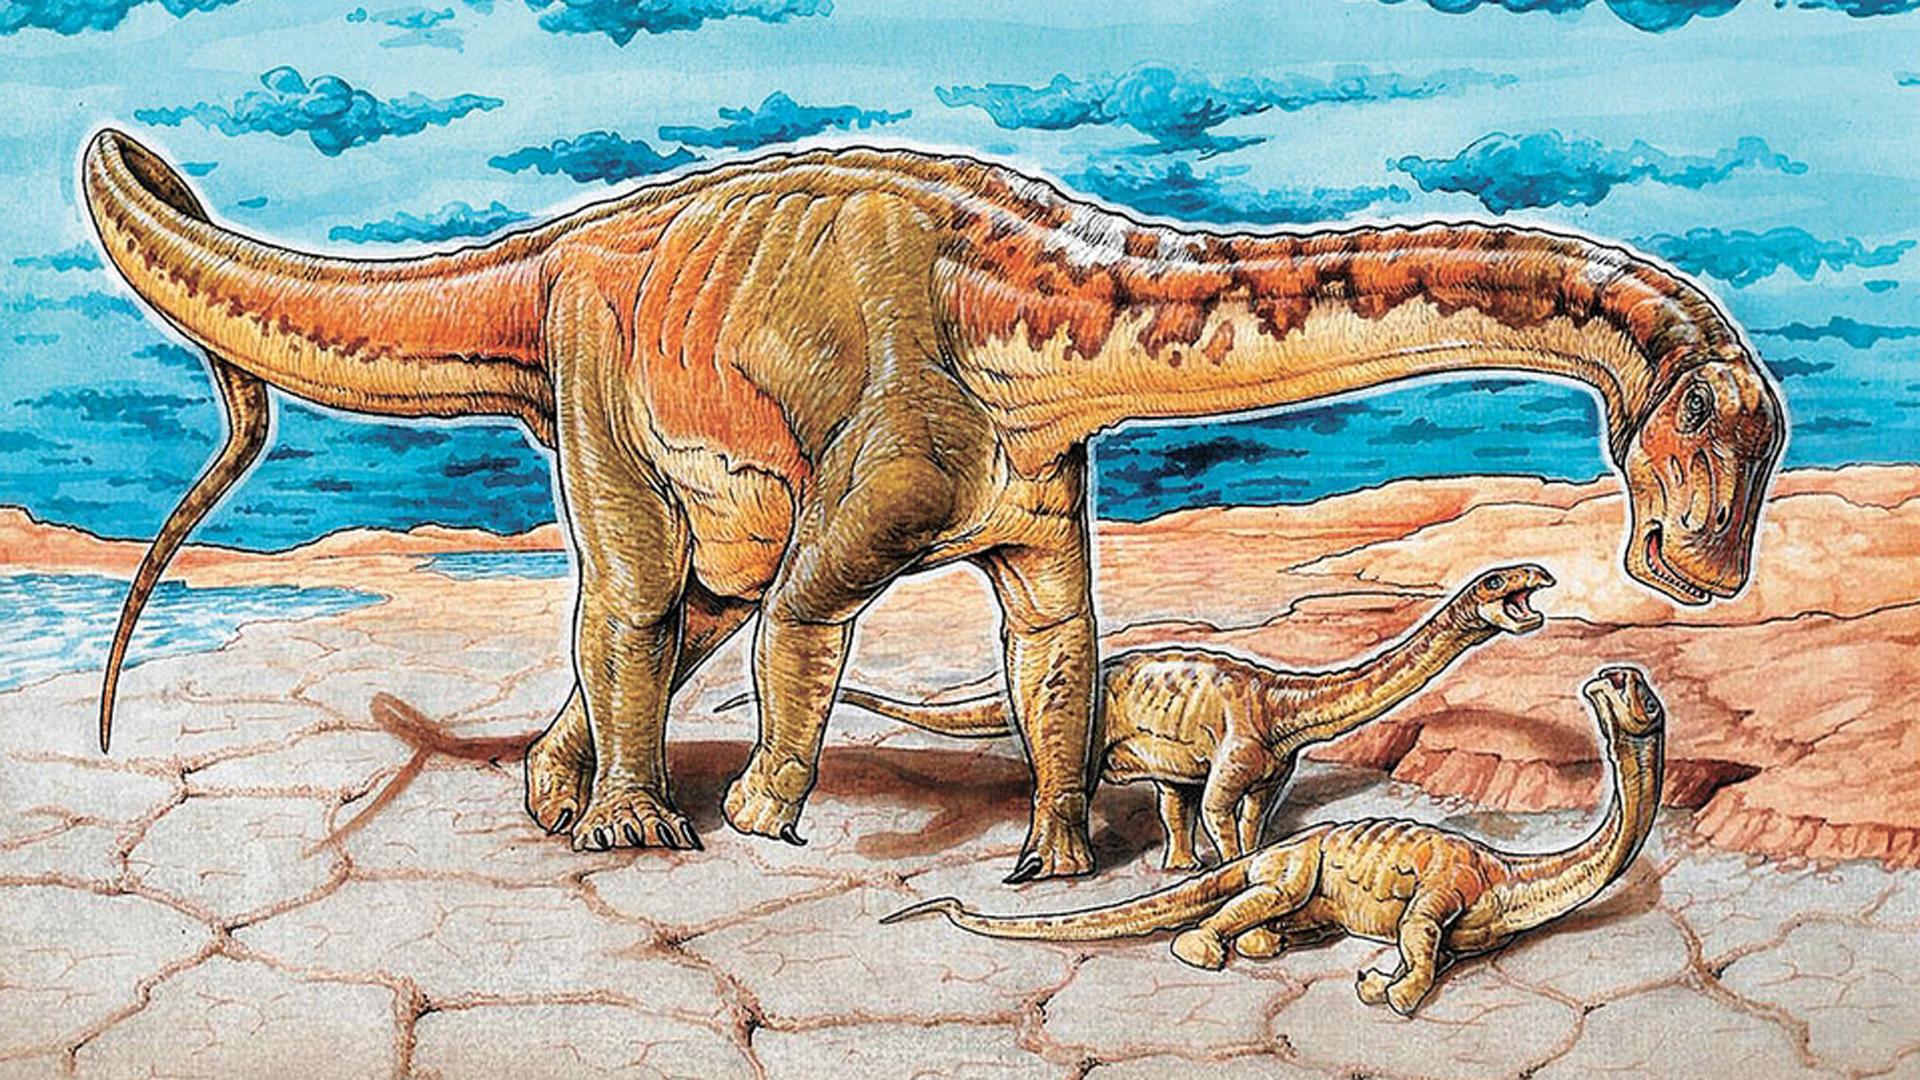 La nueva especie de dinosaurio fue nombrada Lavocatisaurus agrioensis.